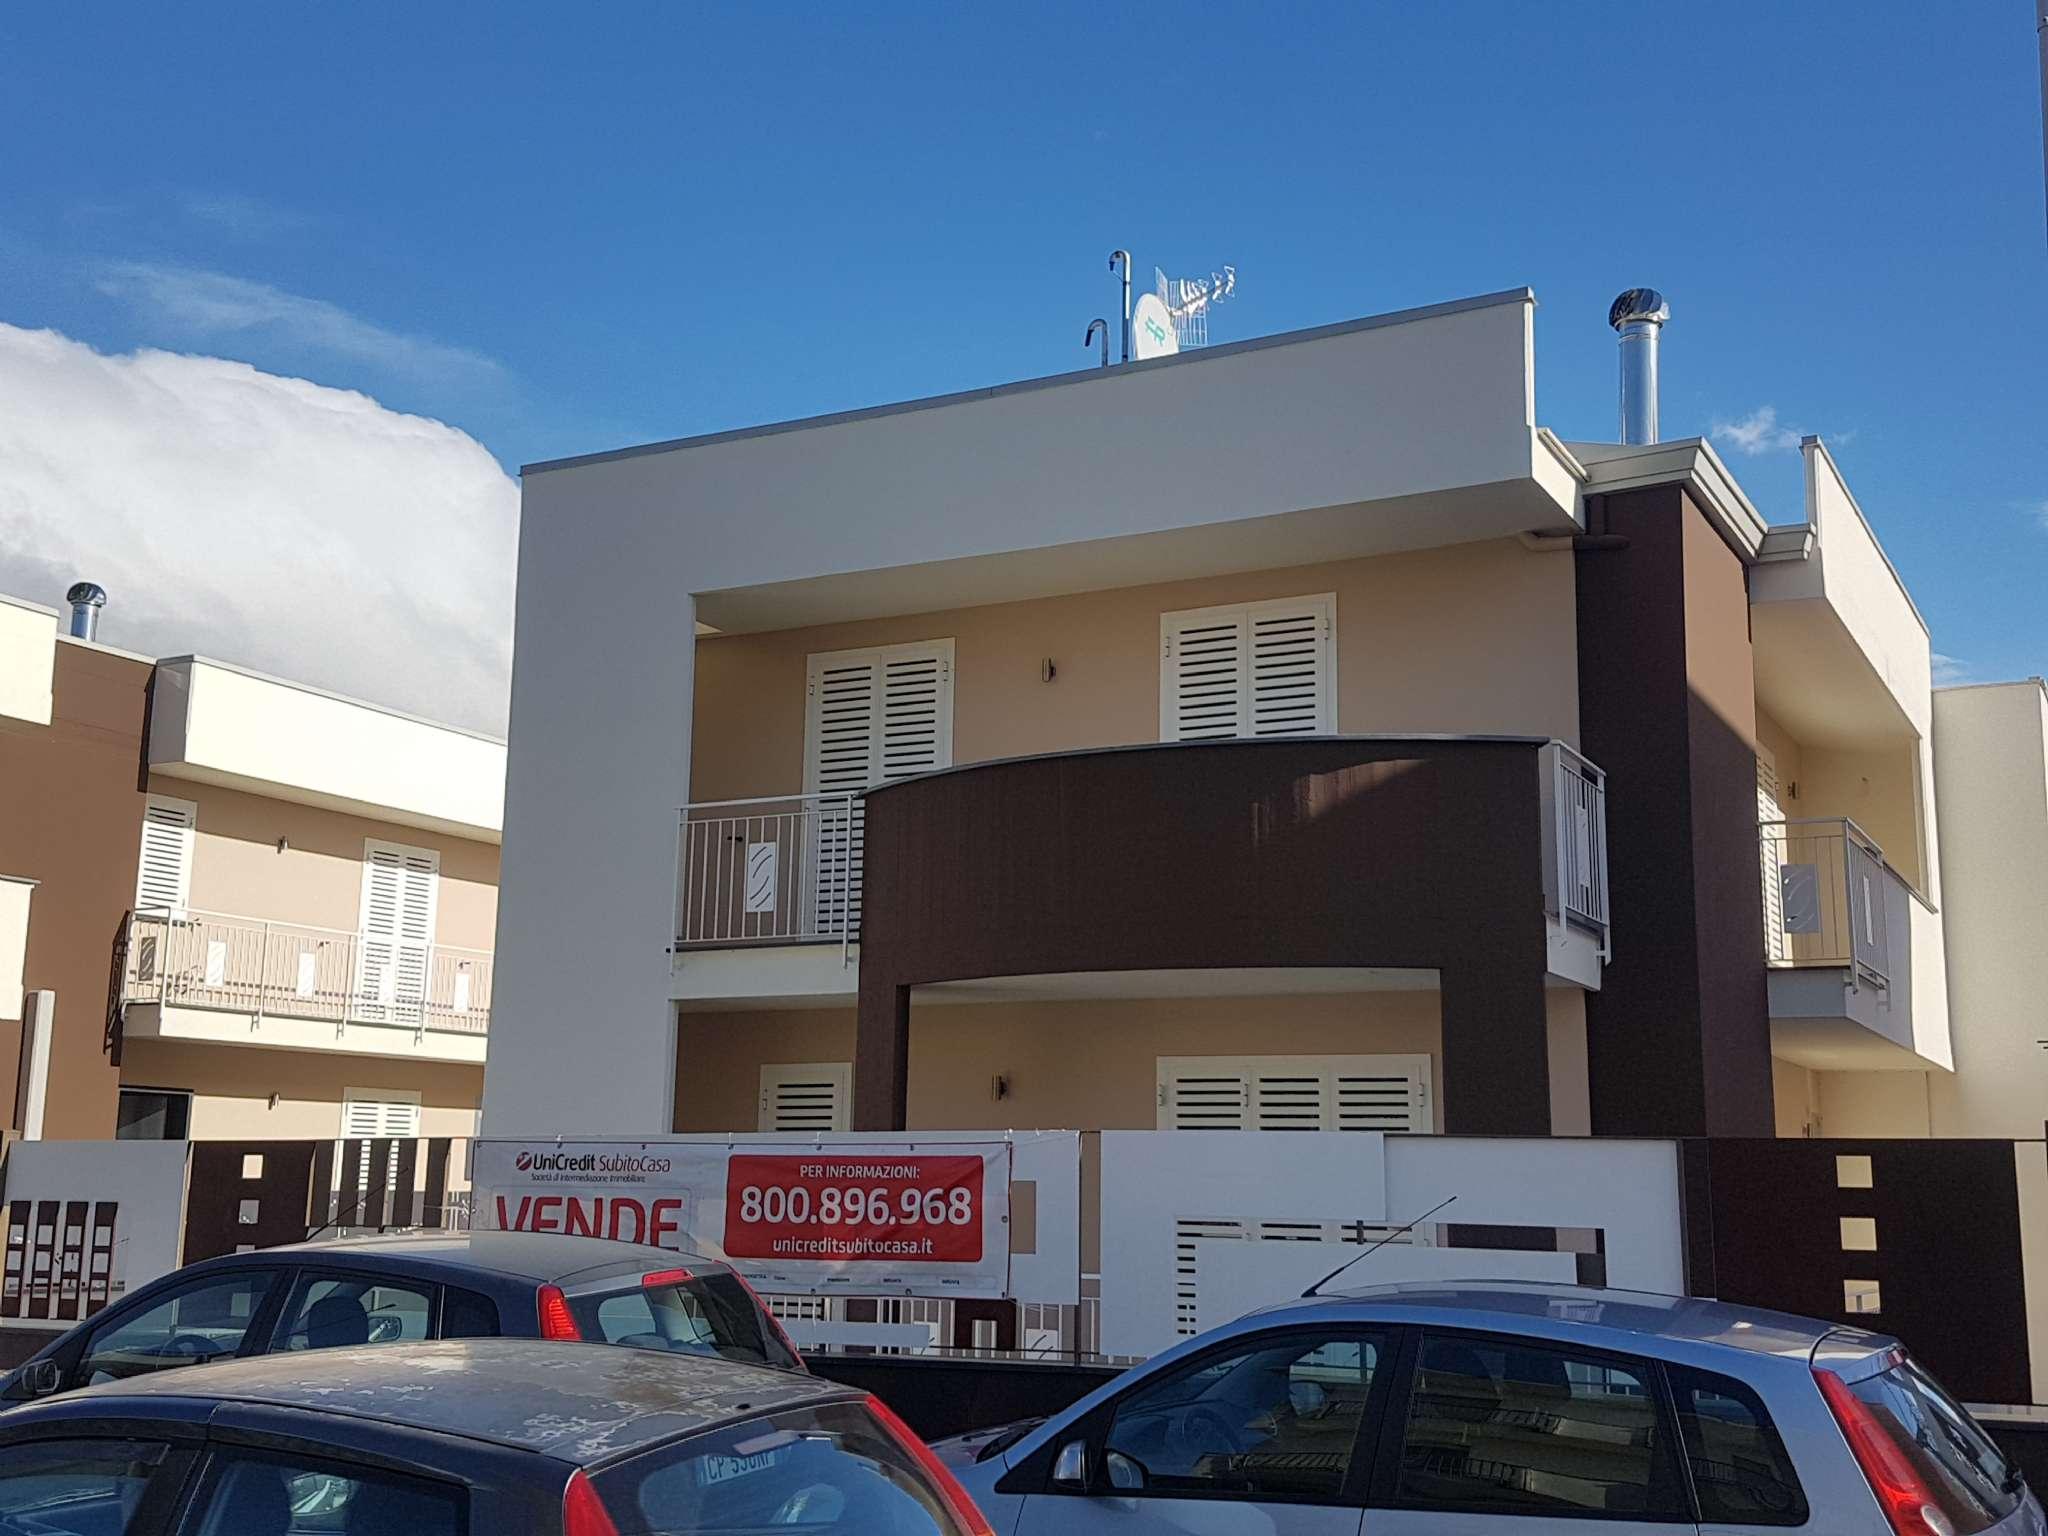 Villa in vendita a Cicciano, 8 locali, prezzo € 290.000 | CambioCasa.it